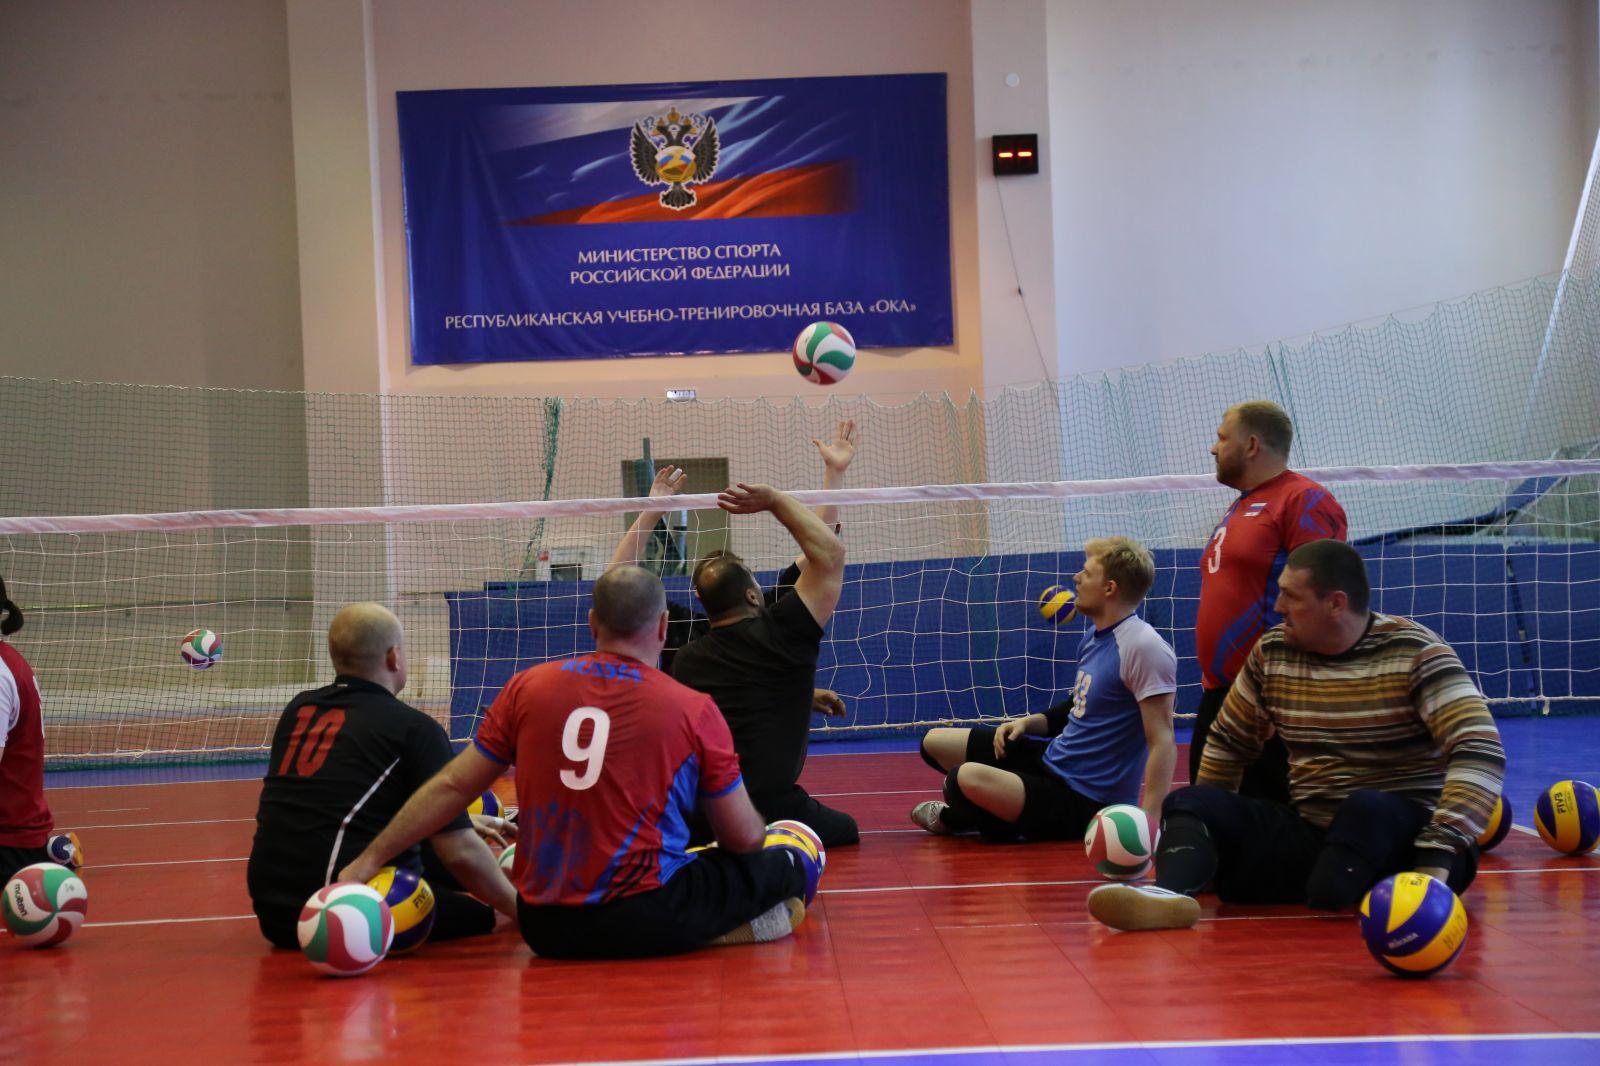 В г. Алексине на РУТБ «Ока» стартовал чемпионат России по волейболу сидя среди мужских и женских команд